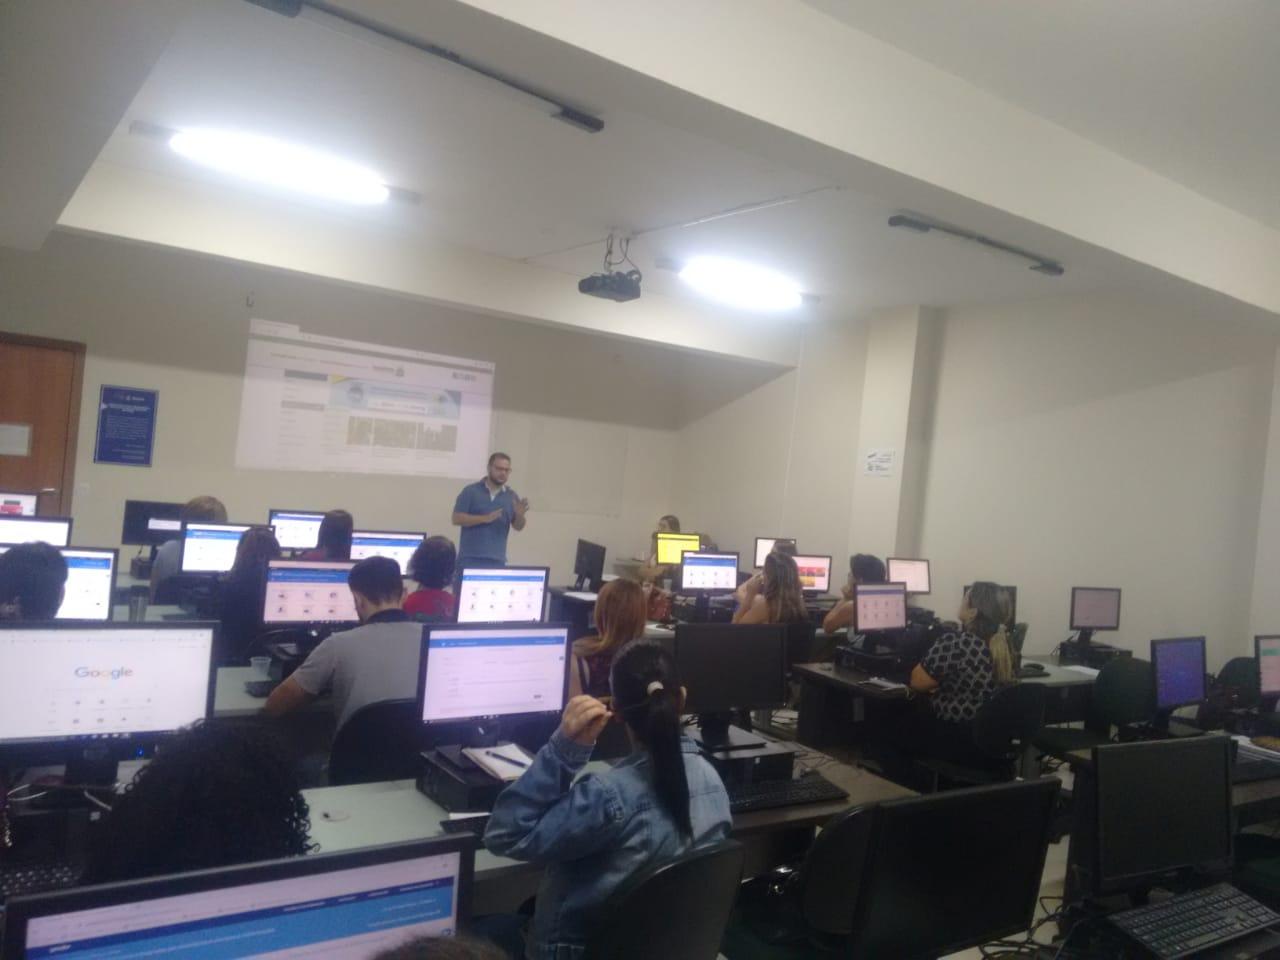 Controladoria promove 2º treinamento da plataforma Fala.BR aos interlocutores de ouvidorias do Tocantins